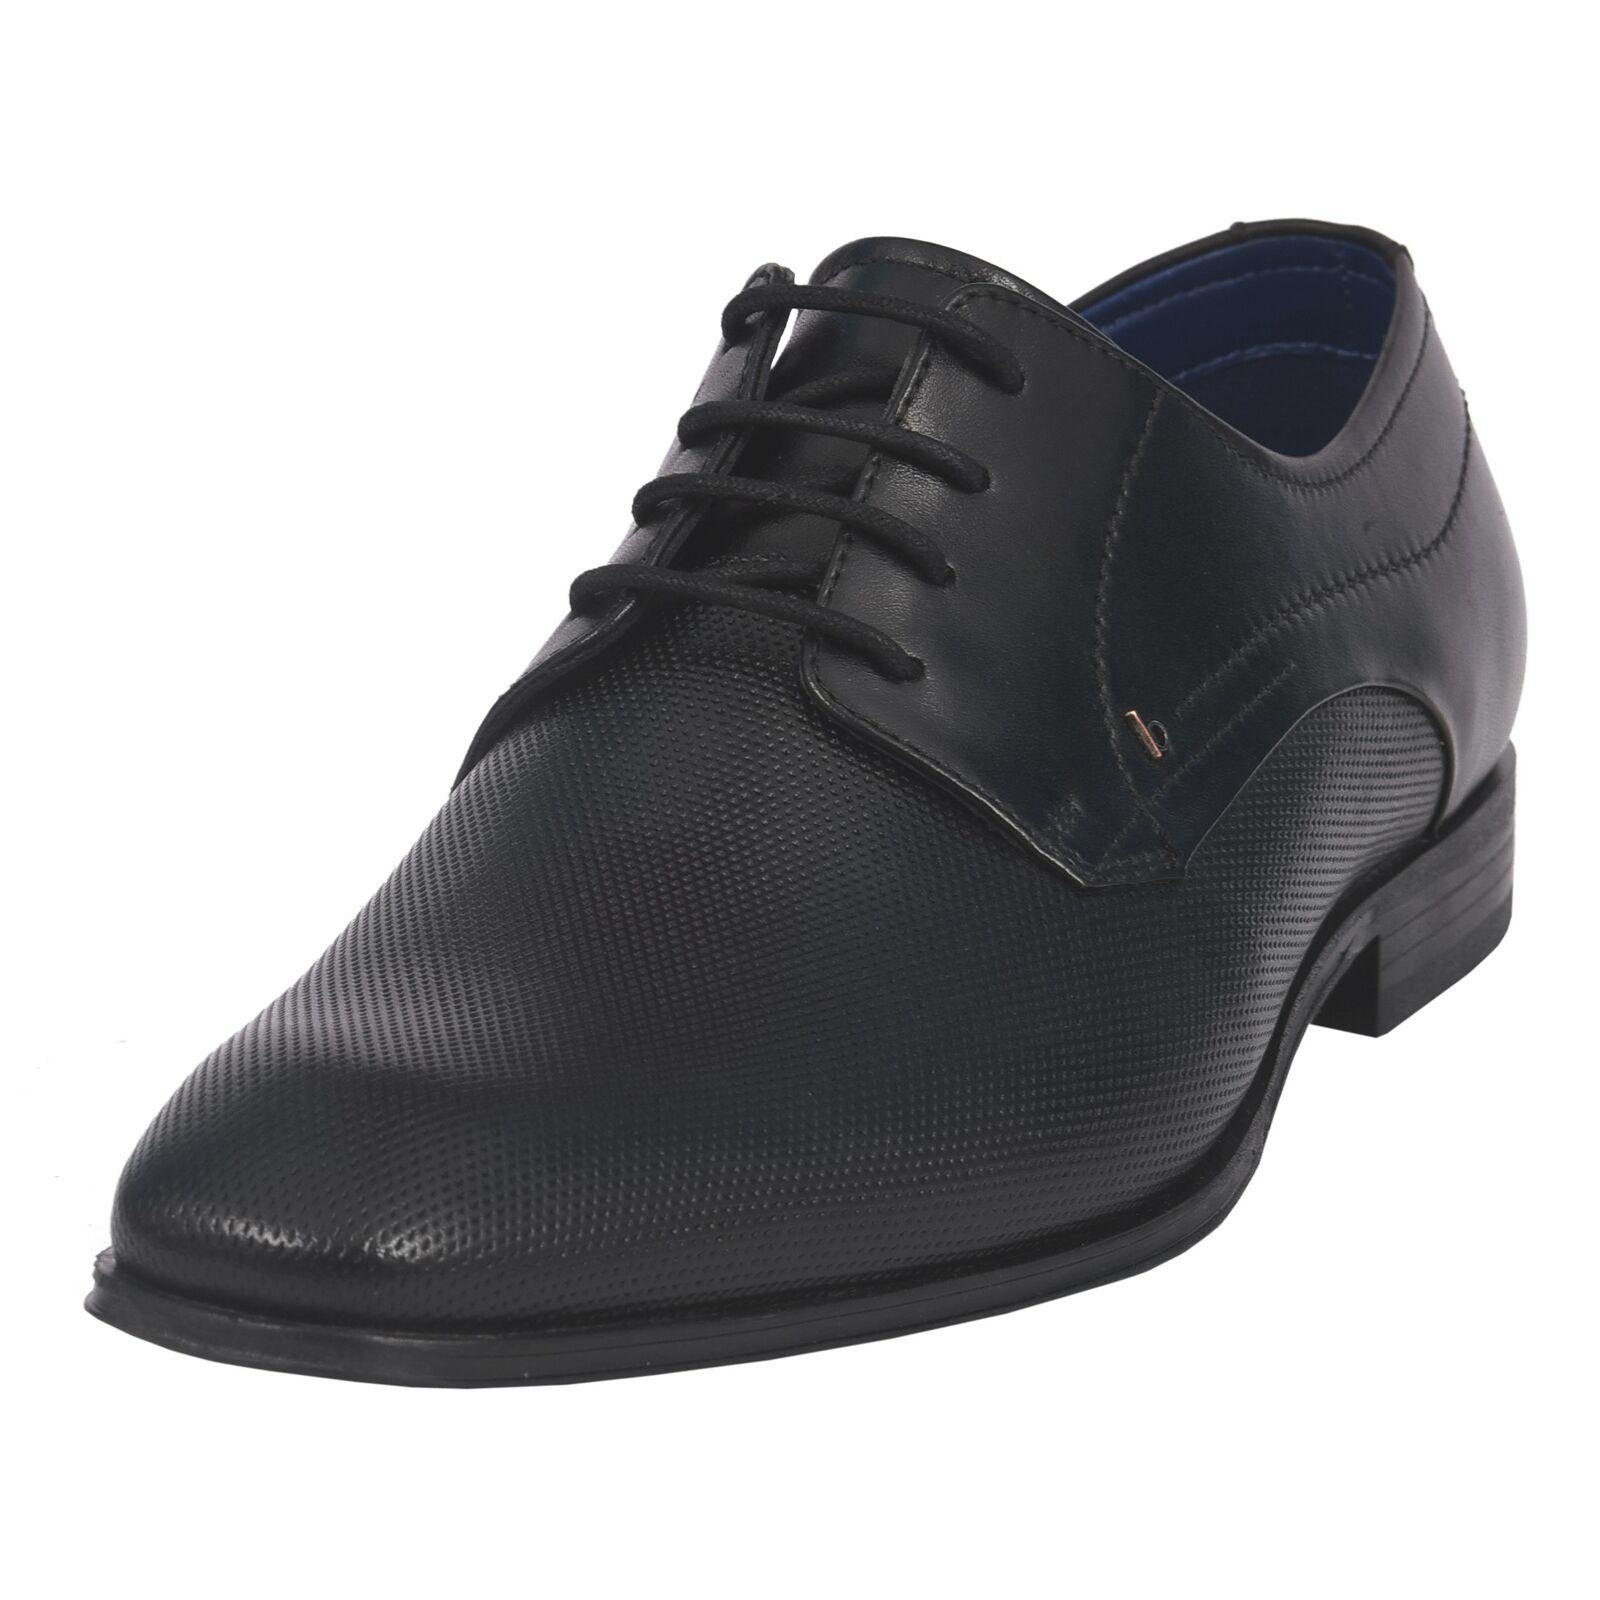 Bugatti Men 311-66606-1000 negro con cordones Business boda Zapatos Cuero